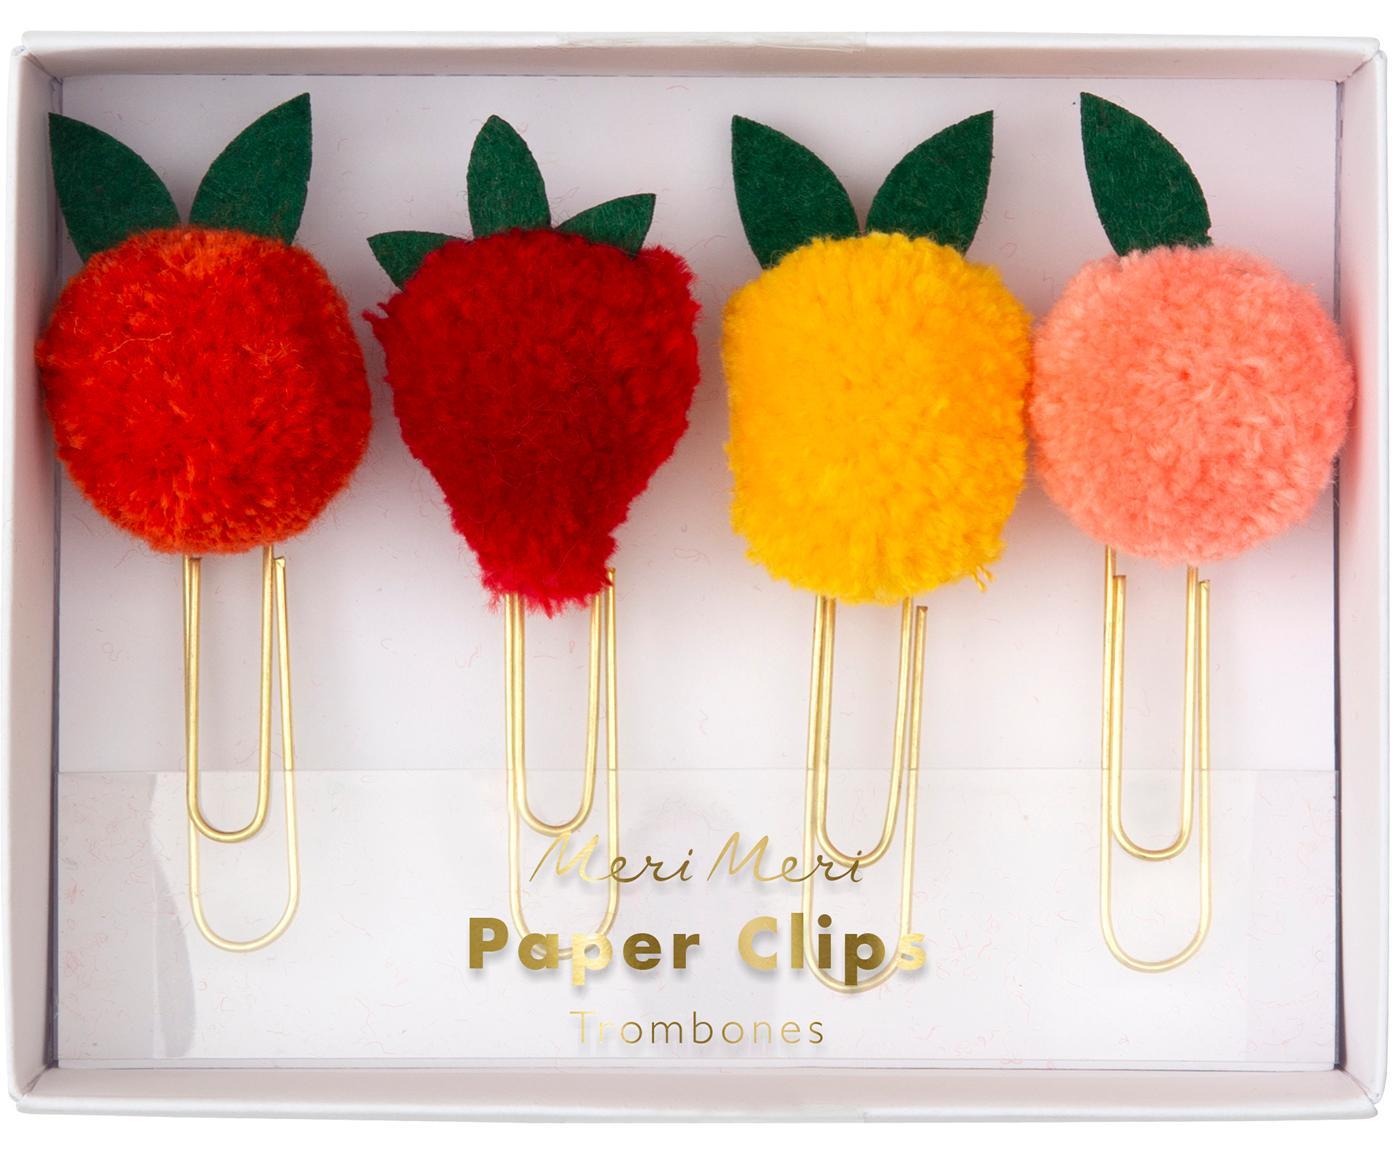 Komplet spinaczy biurowych Fruit, 4 elem., Metal lakierowany, poliester, Odcienie czerwonego, blady różowy, żółty, odcienie złotego, S 2 x W 5 cm